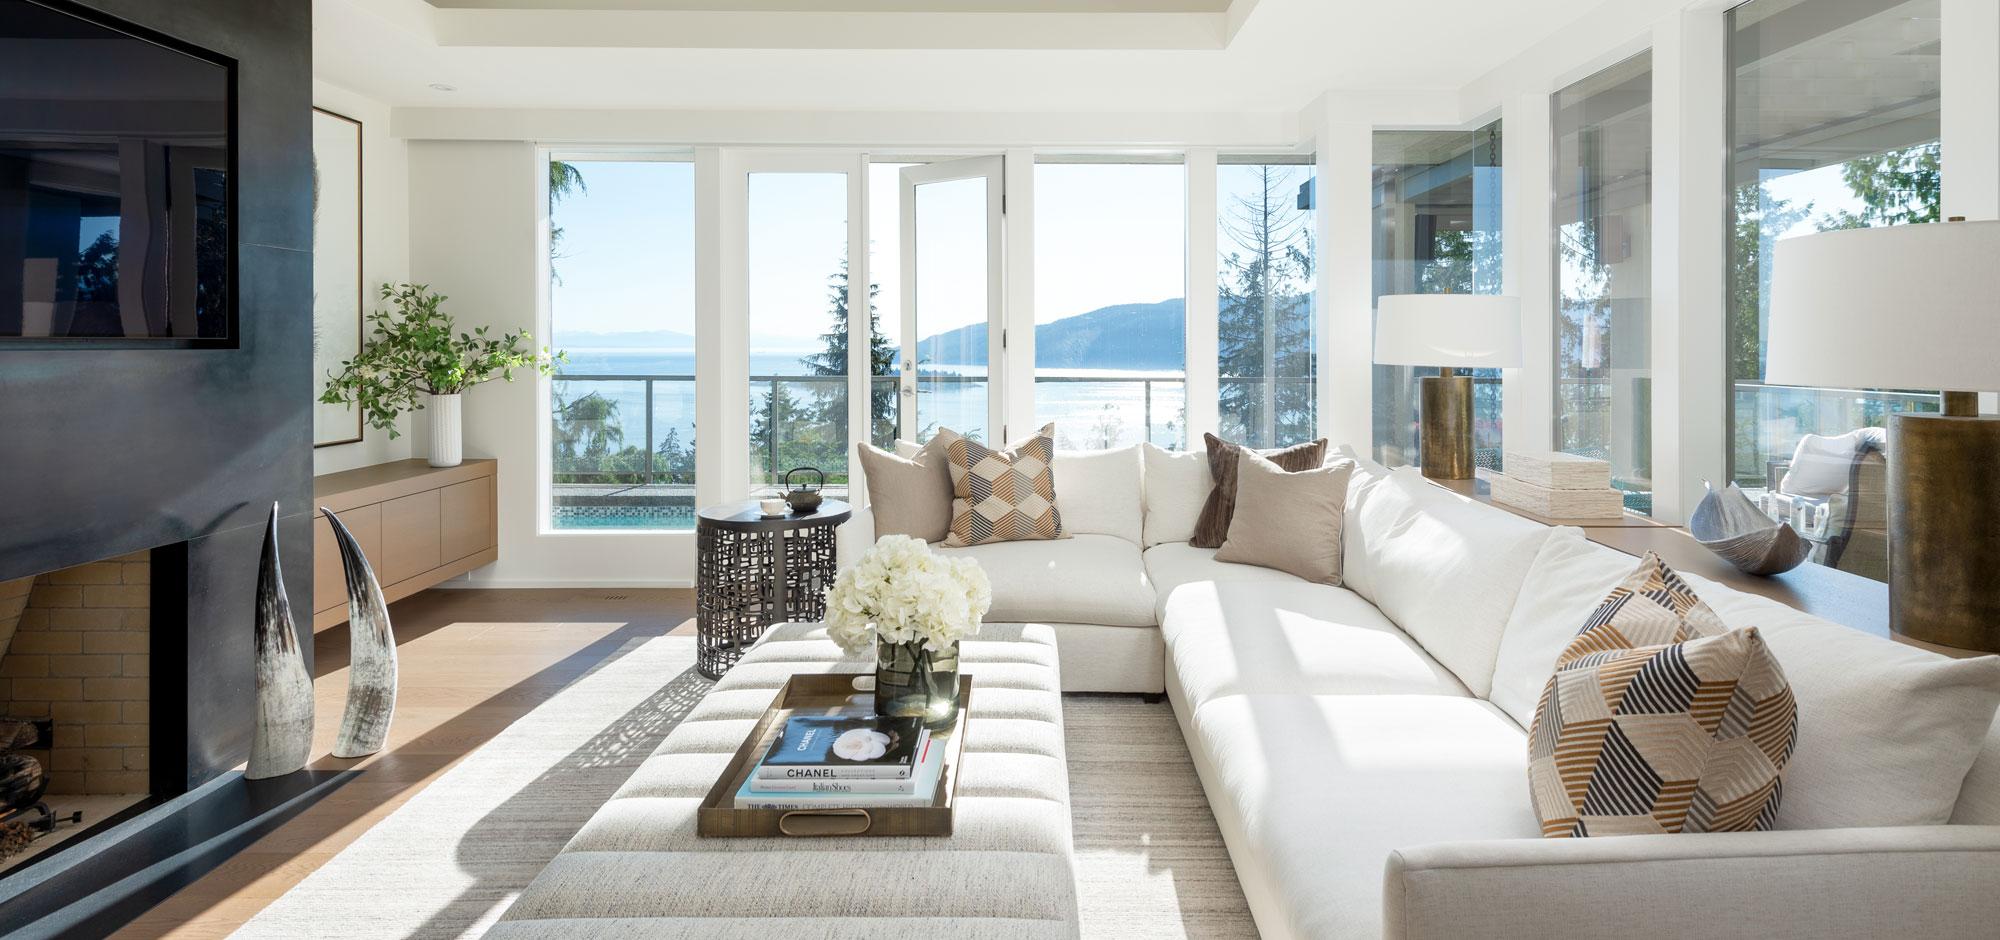 White-Themed Modern Living Room